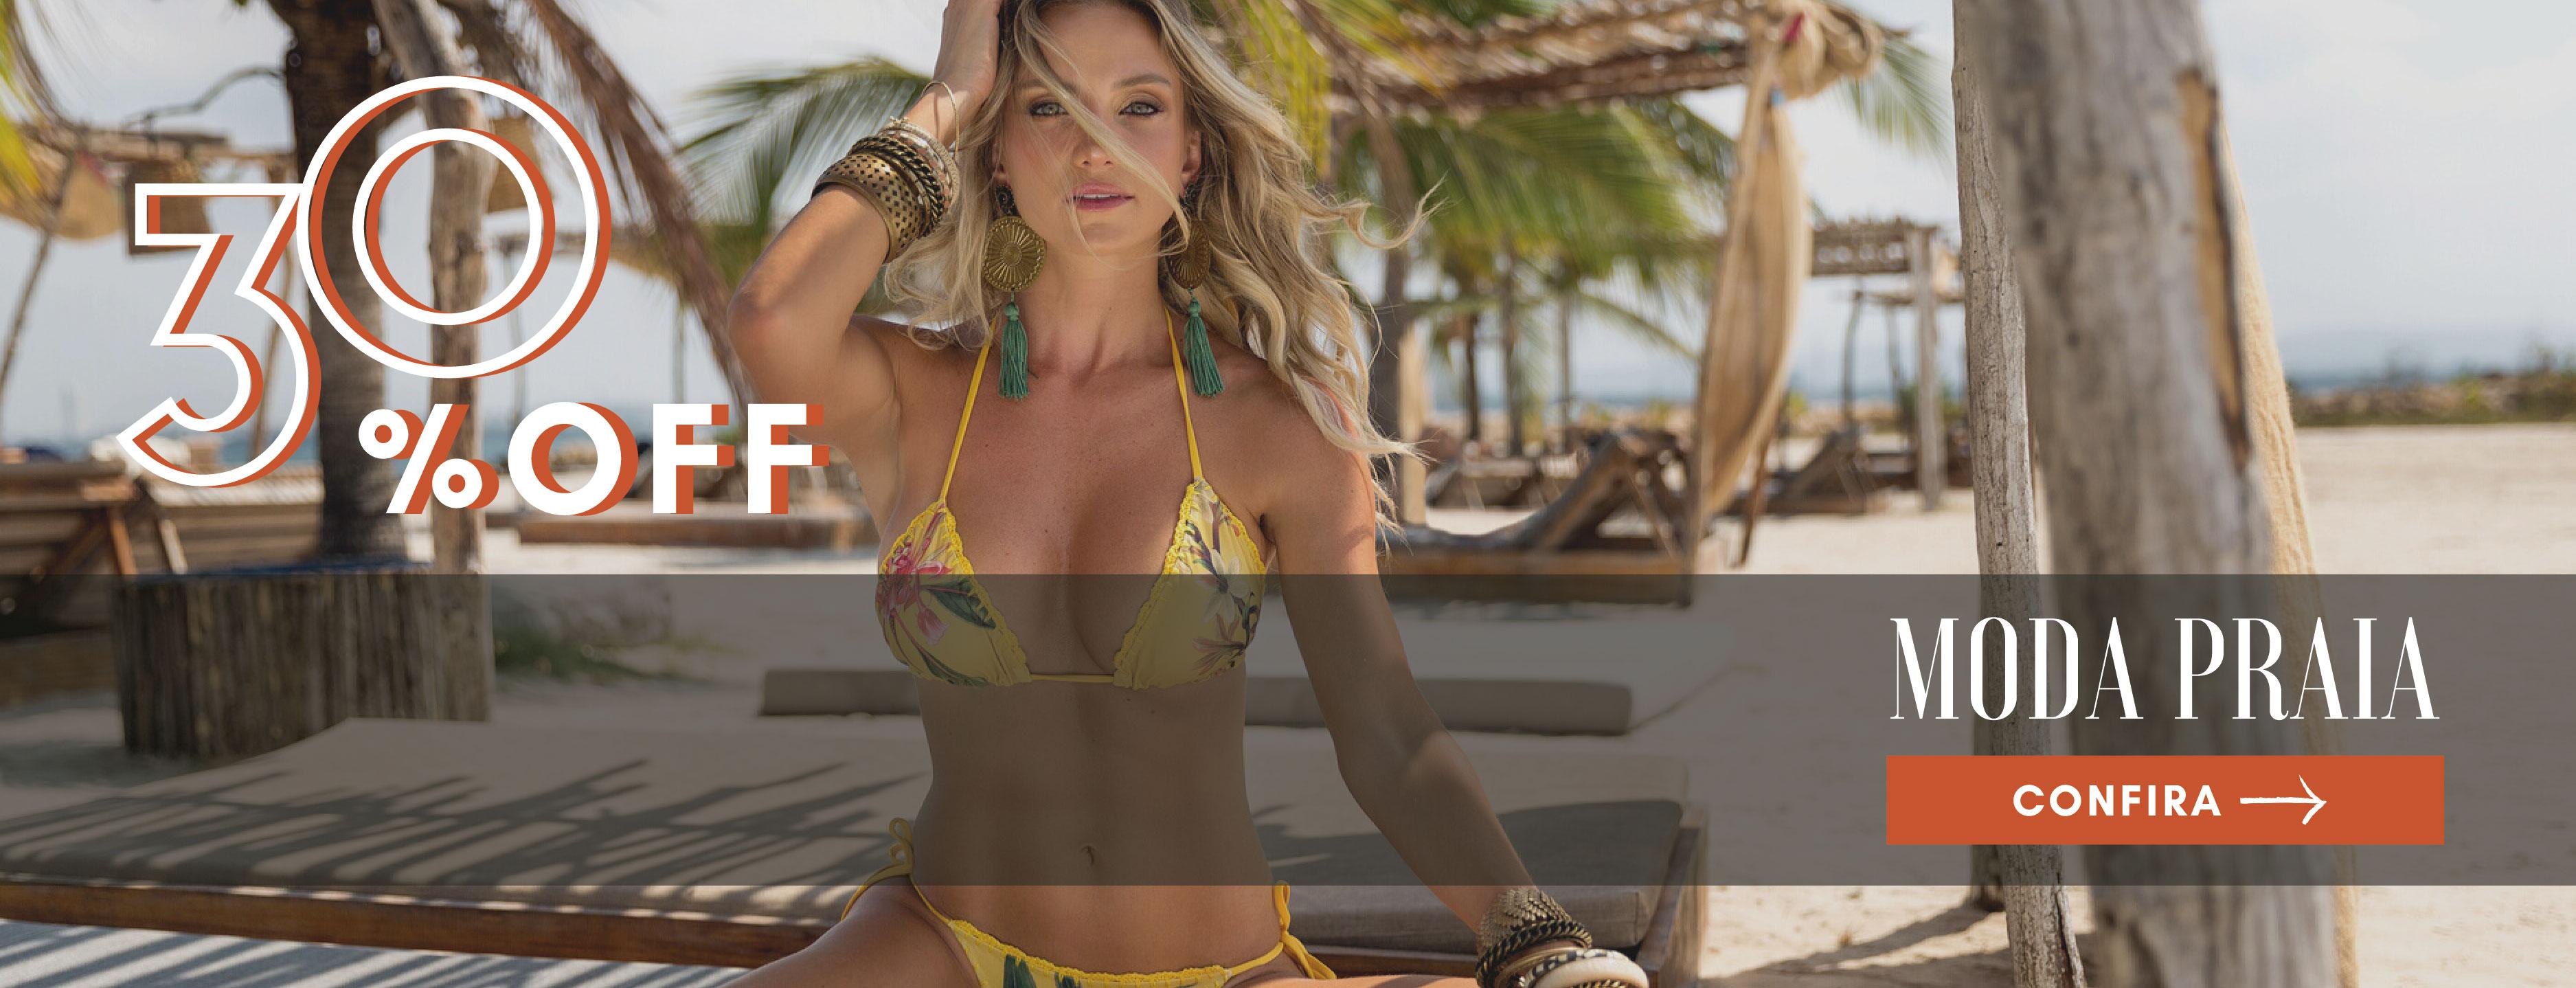 Banner Moda Praia - desktop